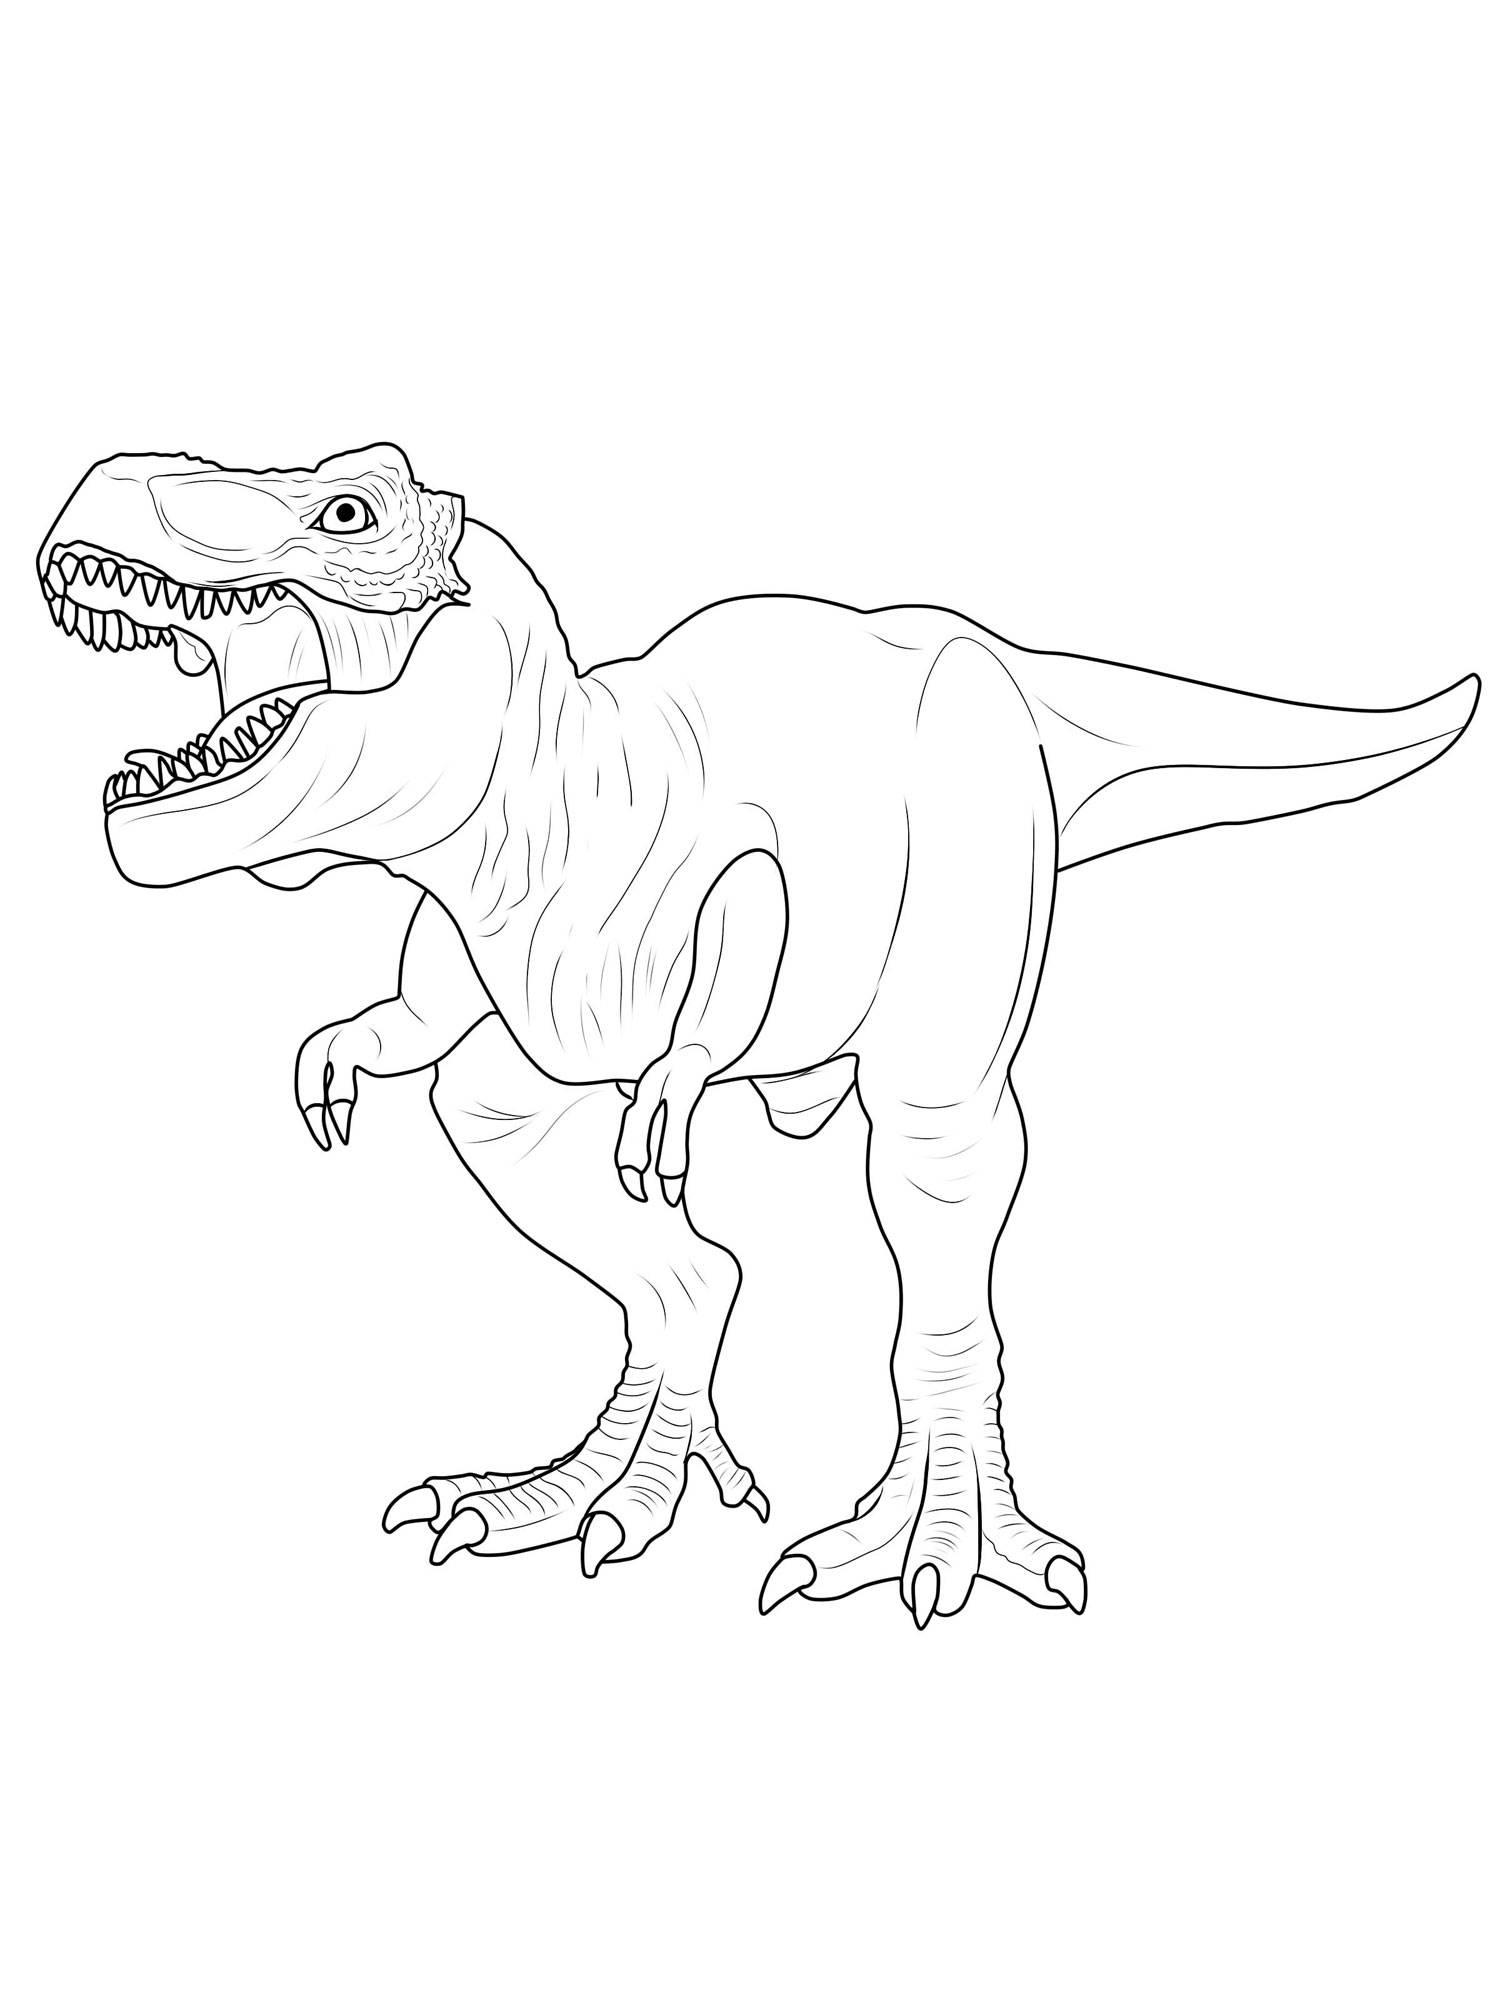 Tyrannosaurus Rex Coloring Page At Getdrawings